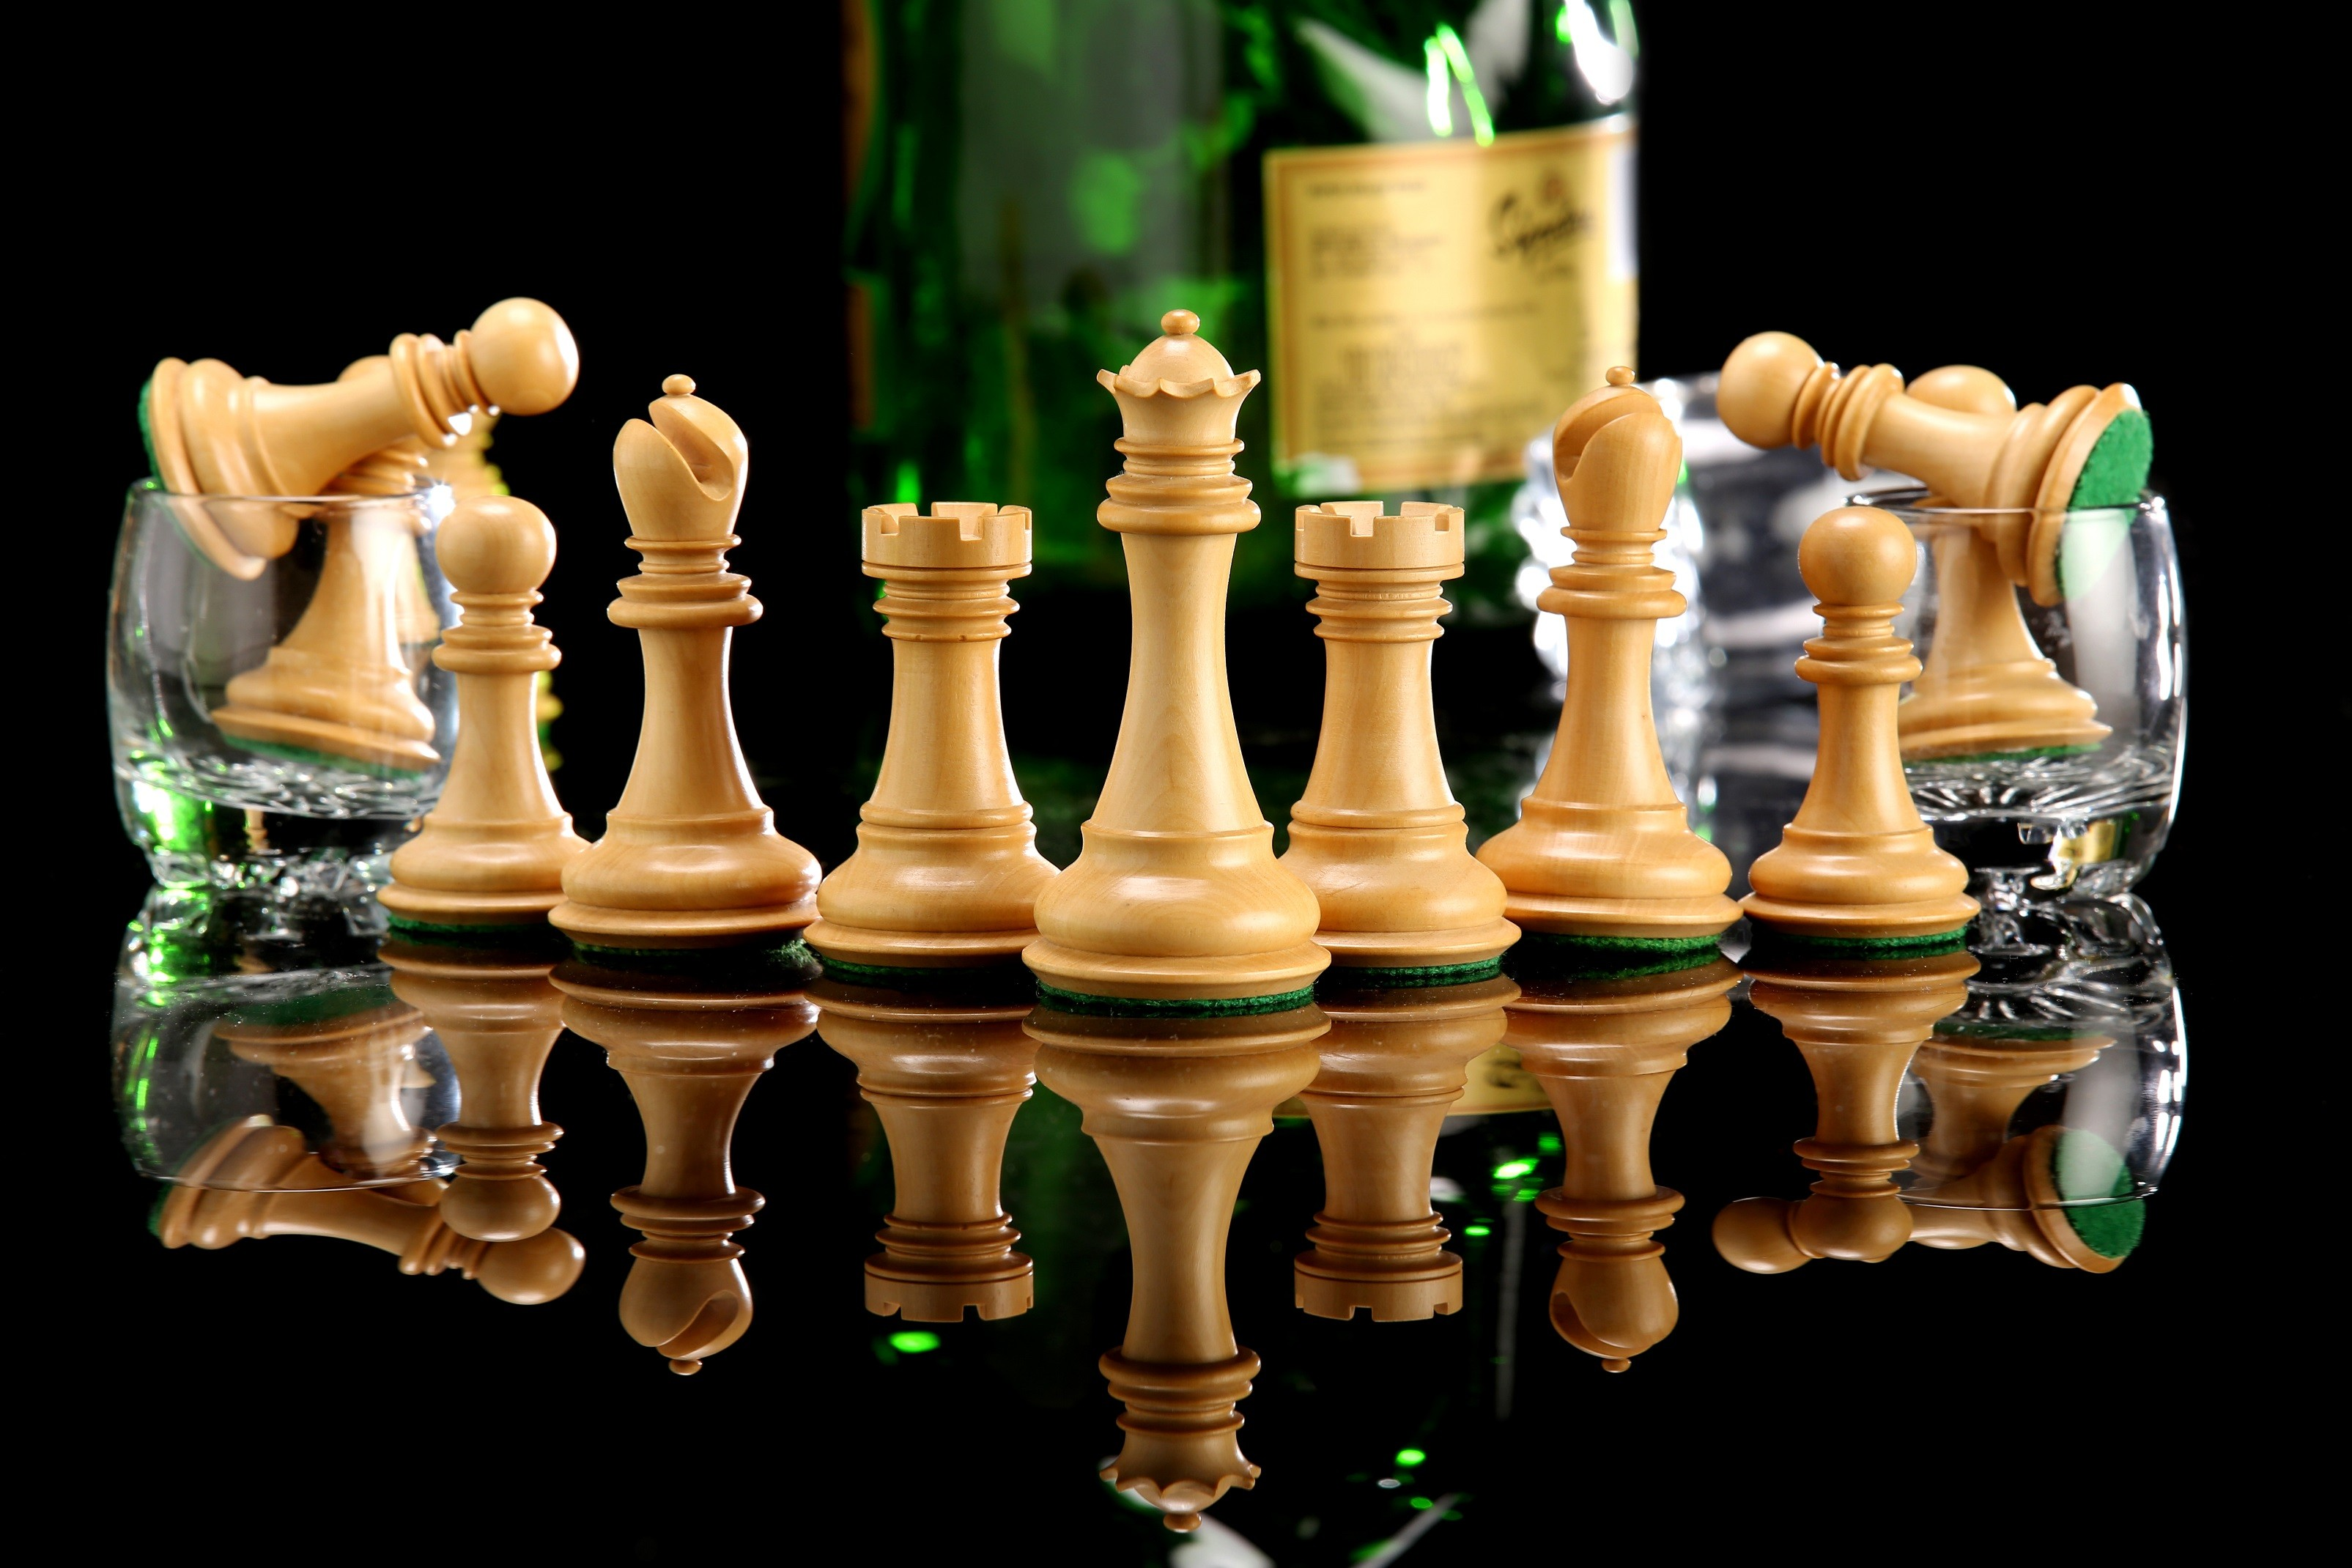 победа в шахматах картинки стал